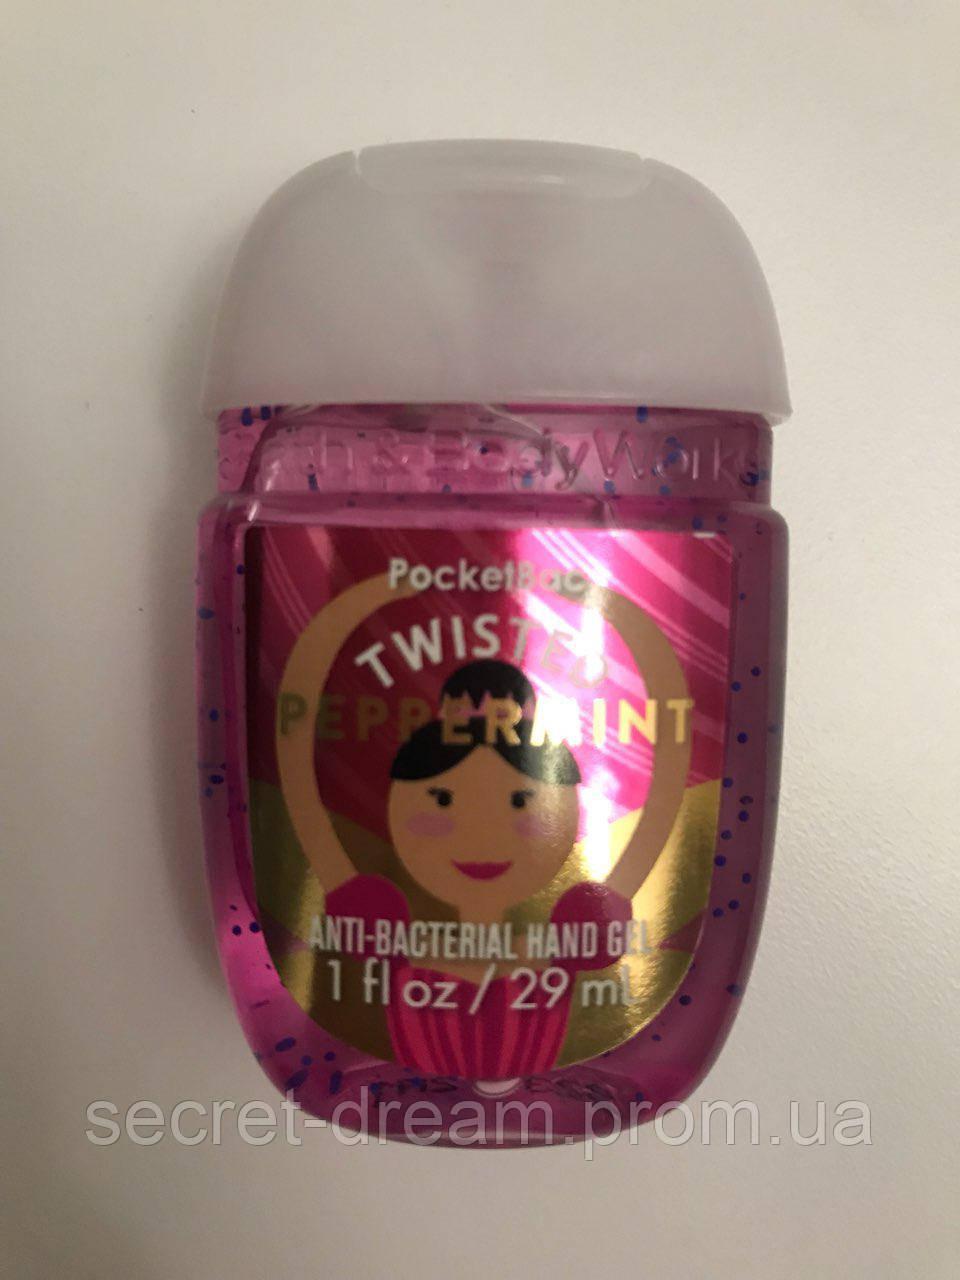 Санитайзер (антисептик для рук) Twisted Peppermint Bath and body works